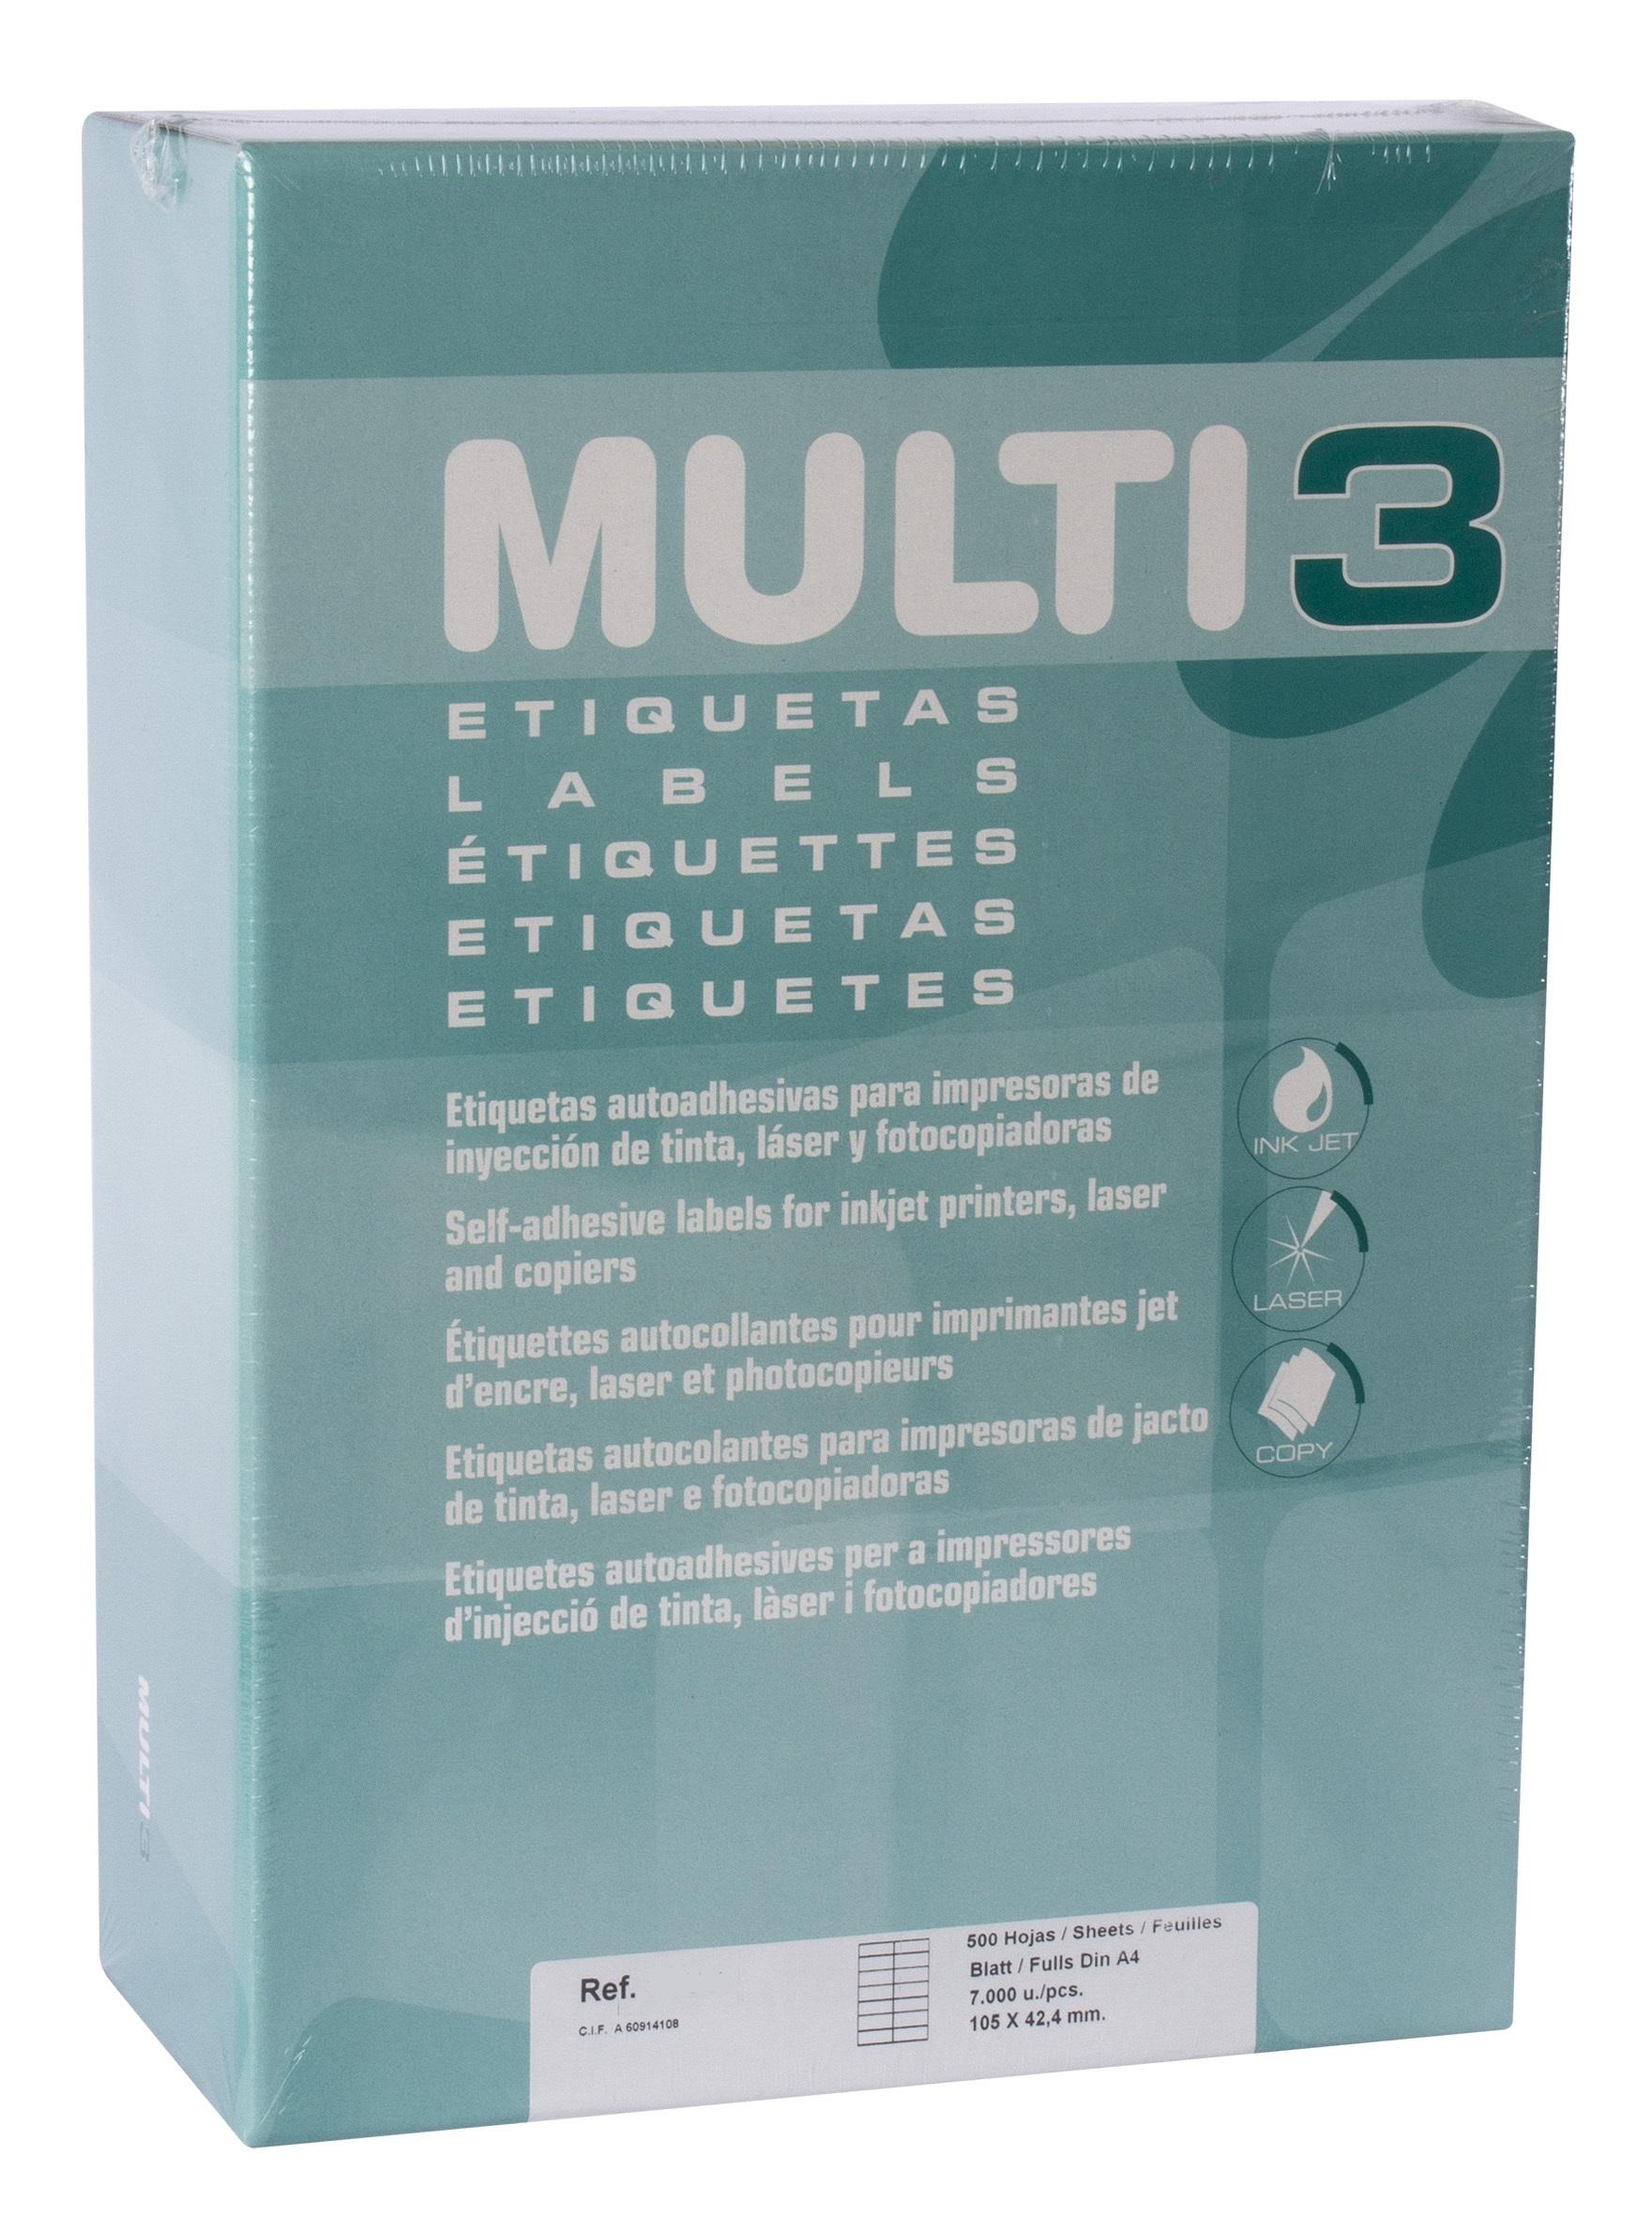 Caja etiquetas Multi3 500h 105X42.4